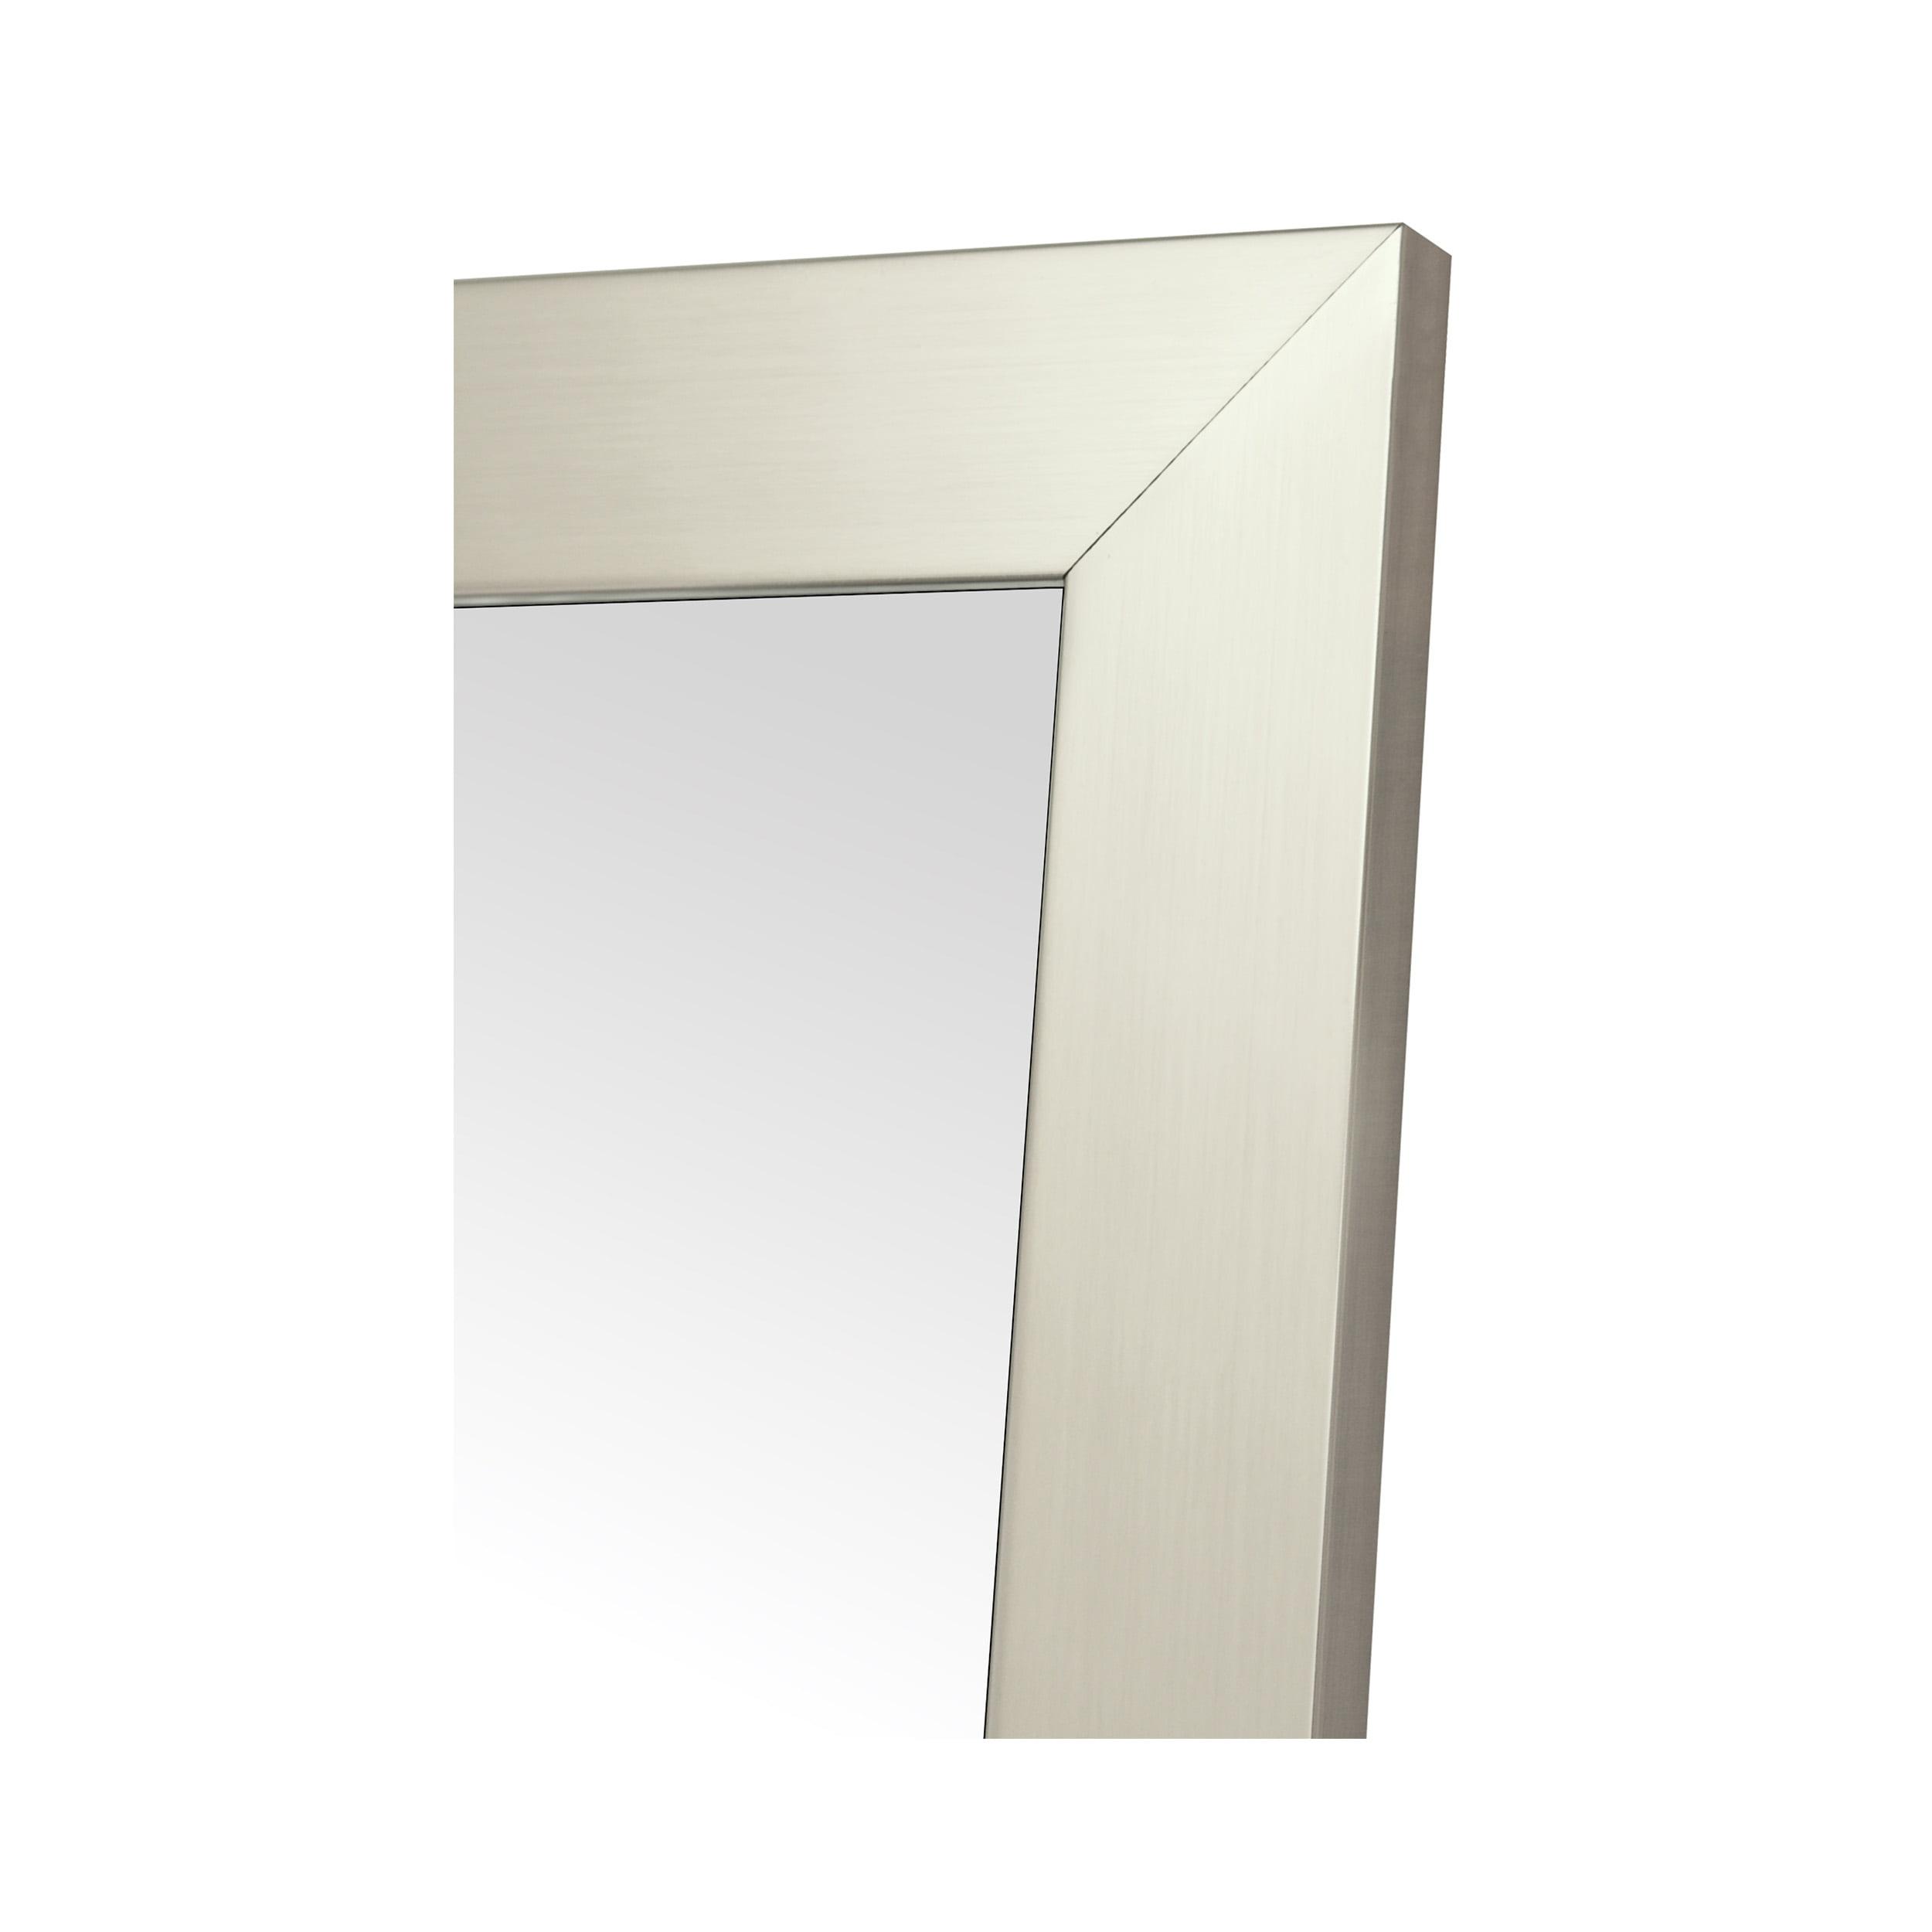 Fornari Silver Non-Beveled Casegood (28 x 45)